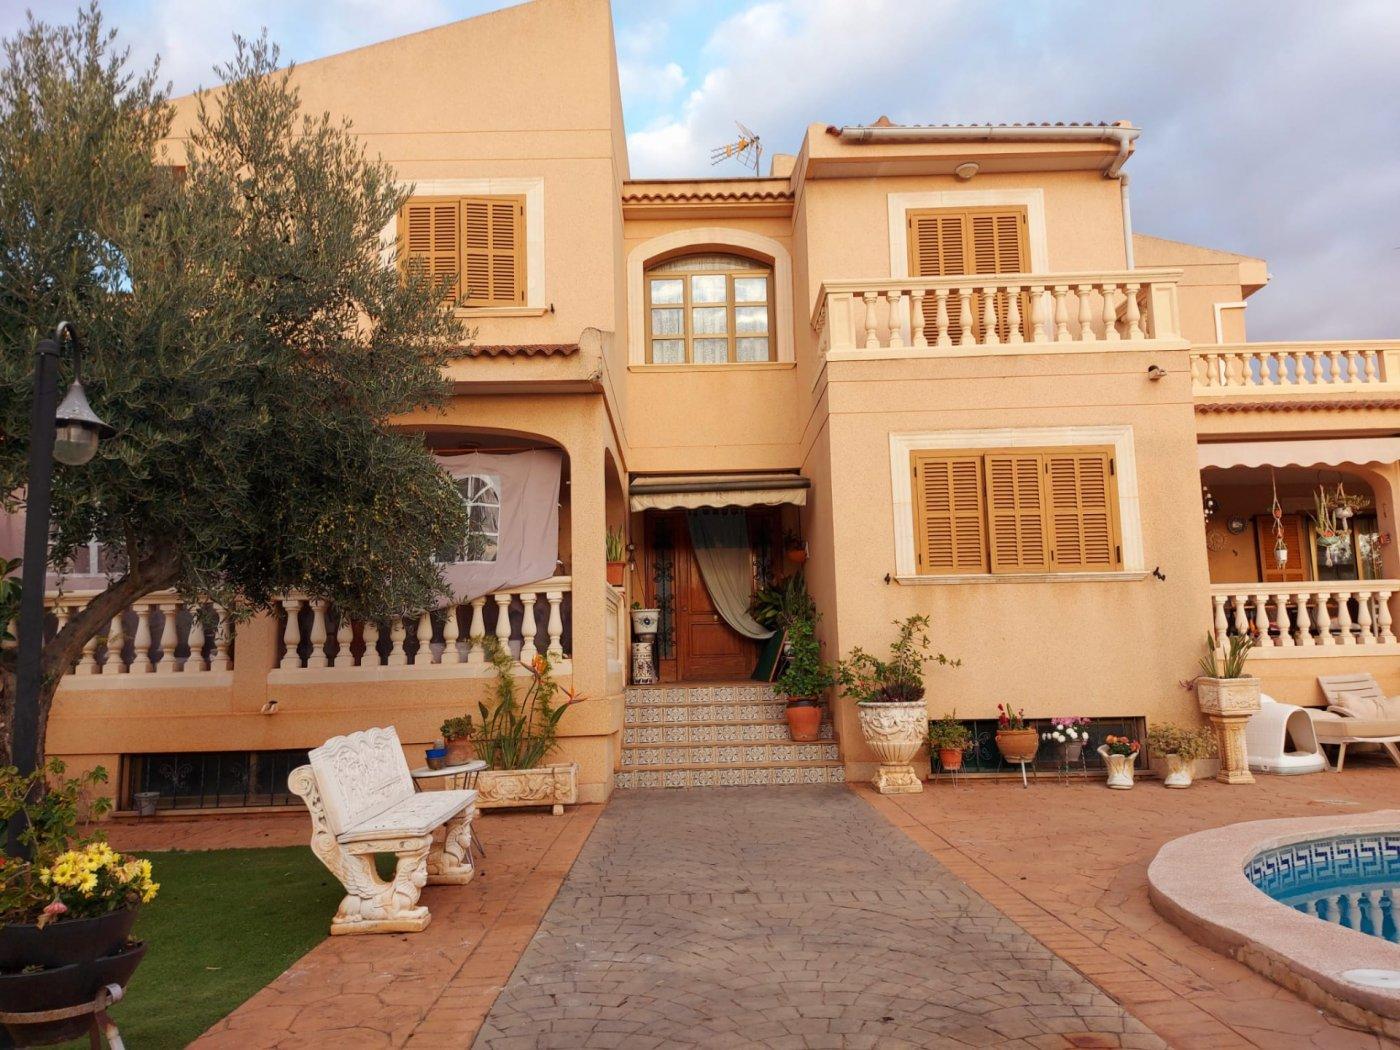 En venta espectacular casa o chalet en can carbonellell-sa cabana - imagenInmueble17